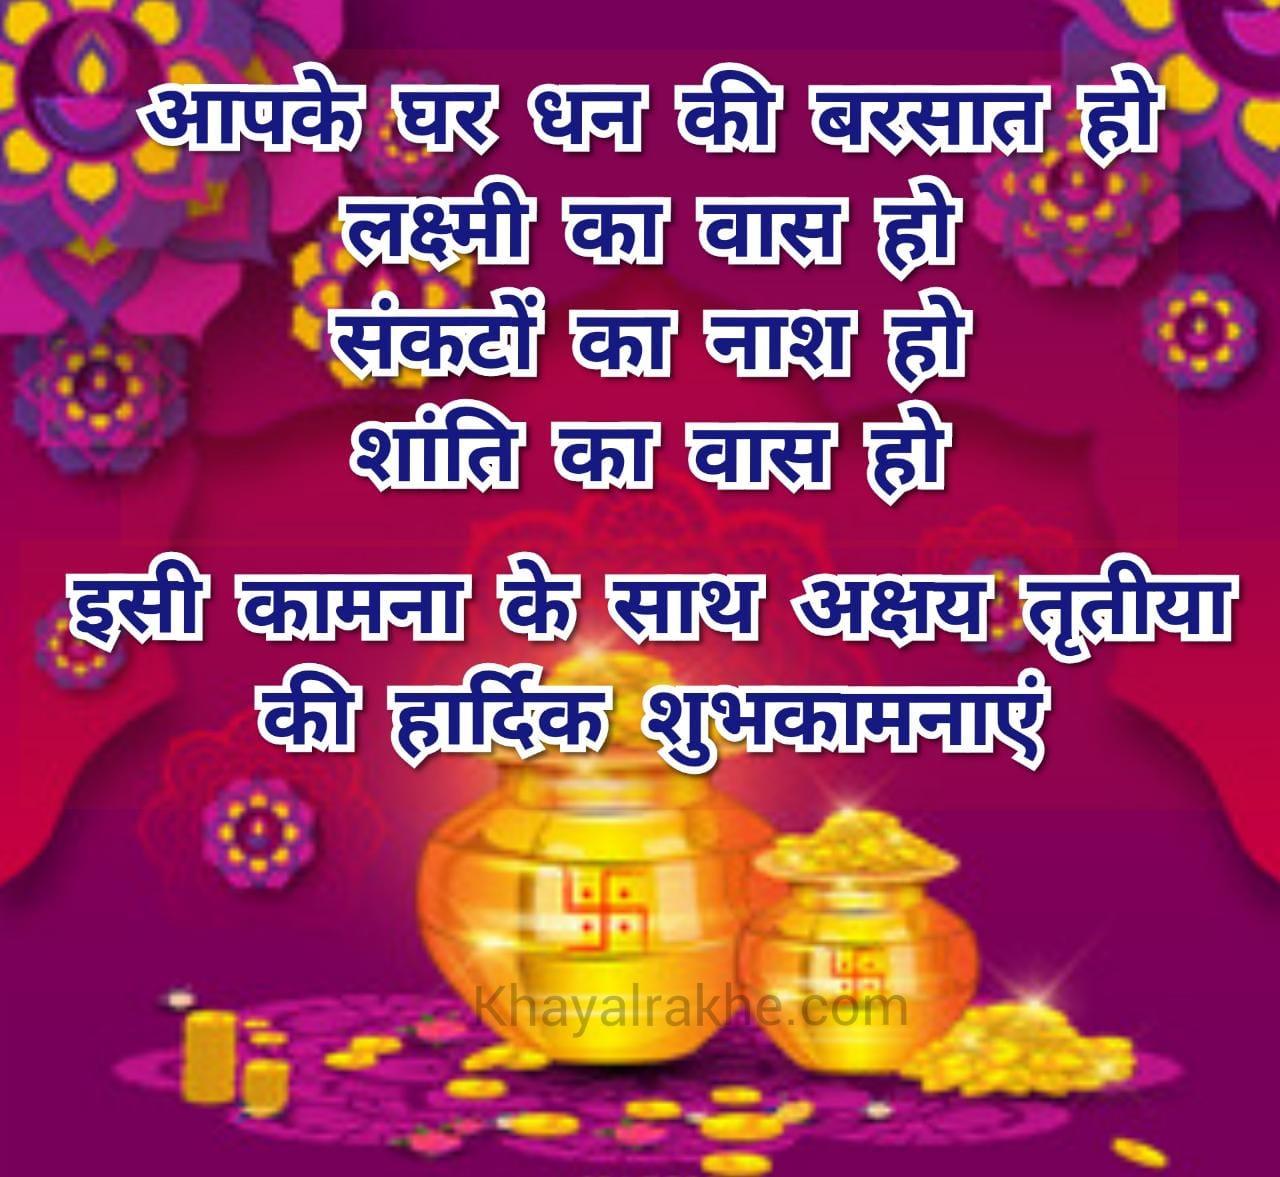 Happy Akshaya Tritiya in Hindi - Wishes